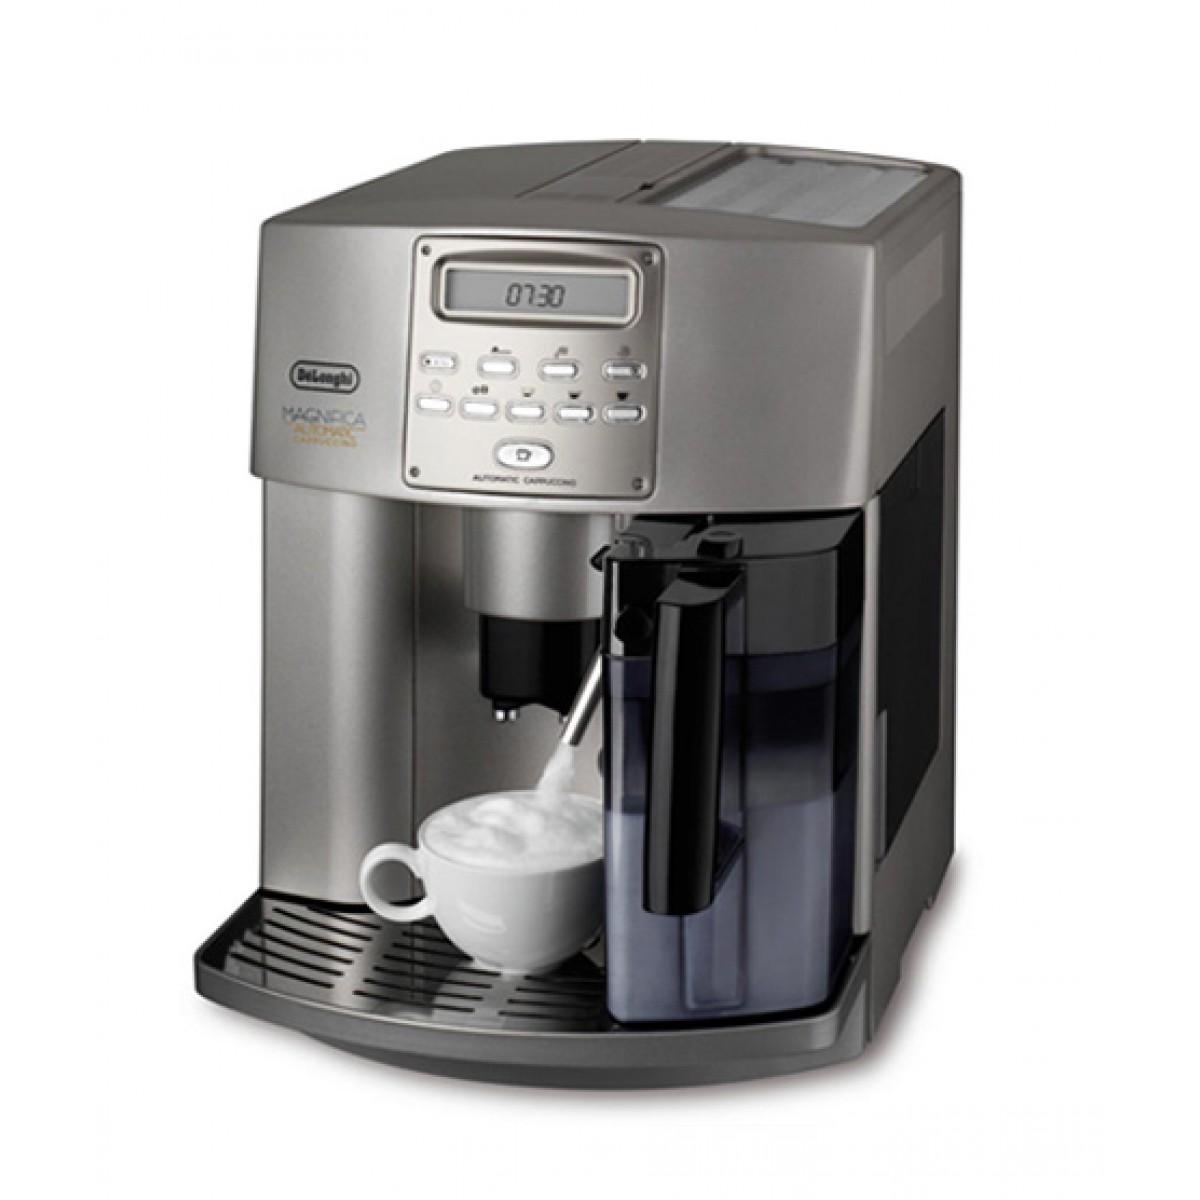 Delonghi Magnifica Espresso Coffee Machine Price in ...